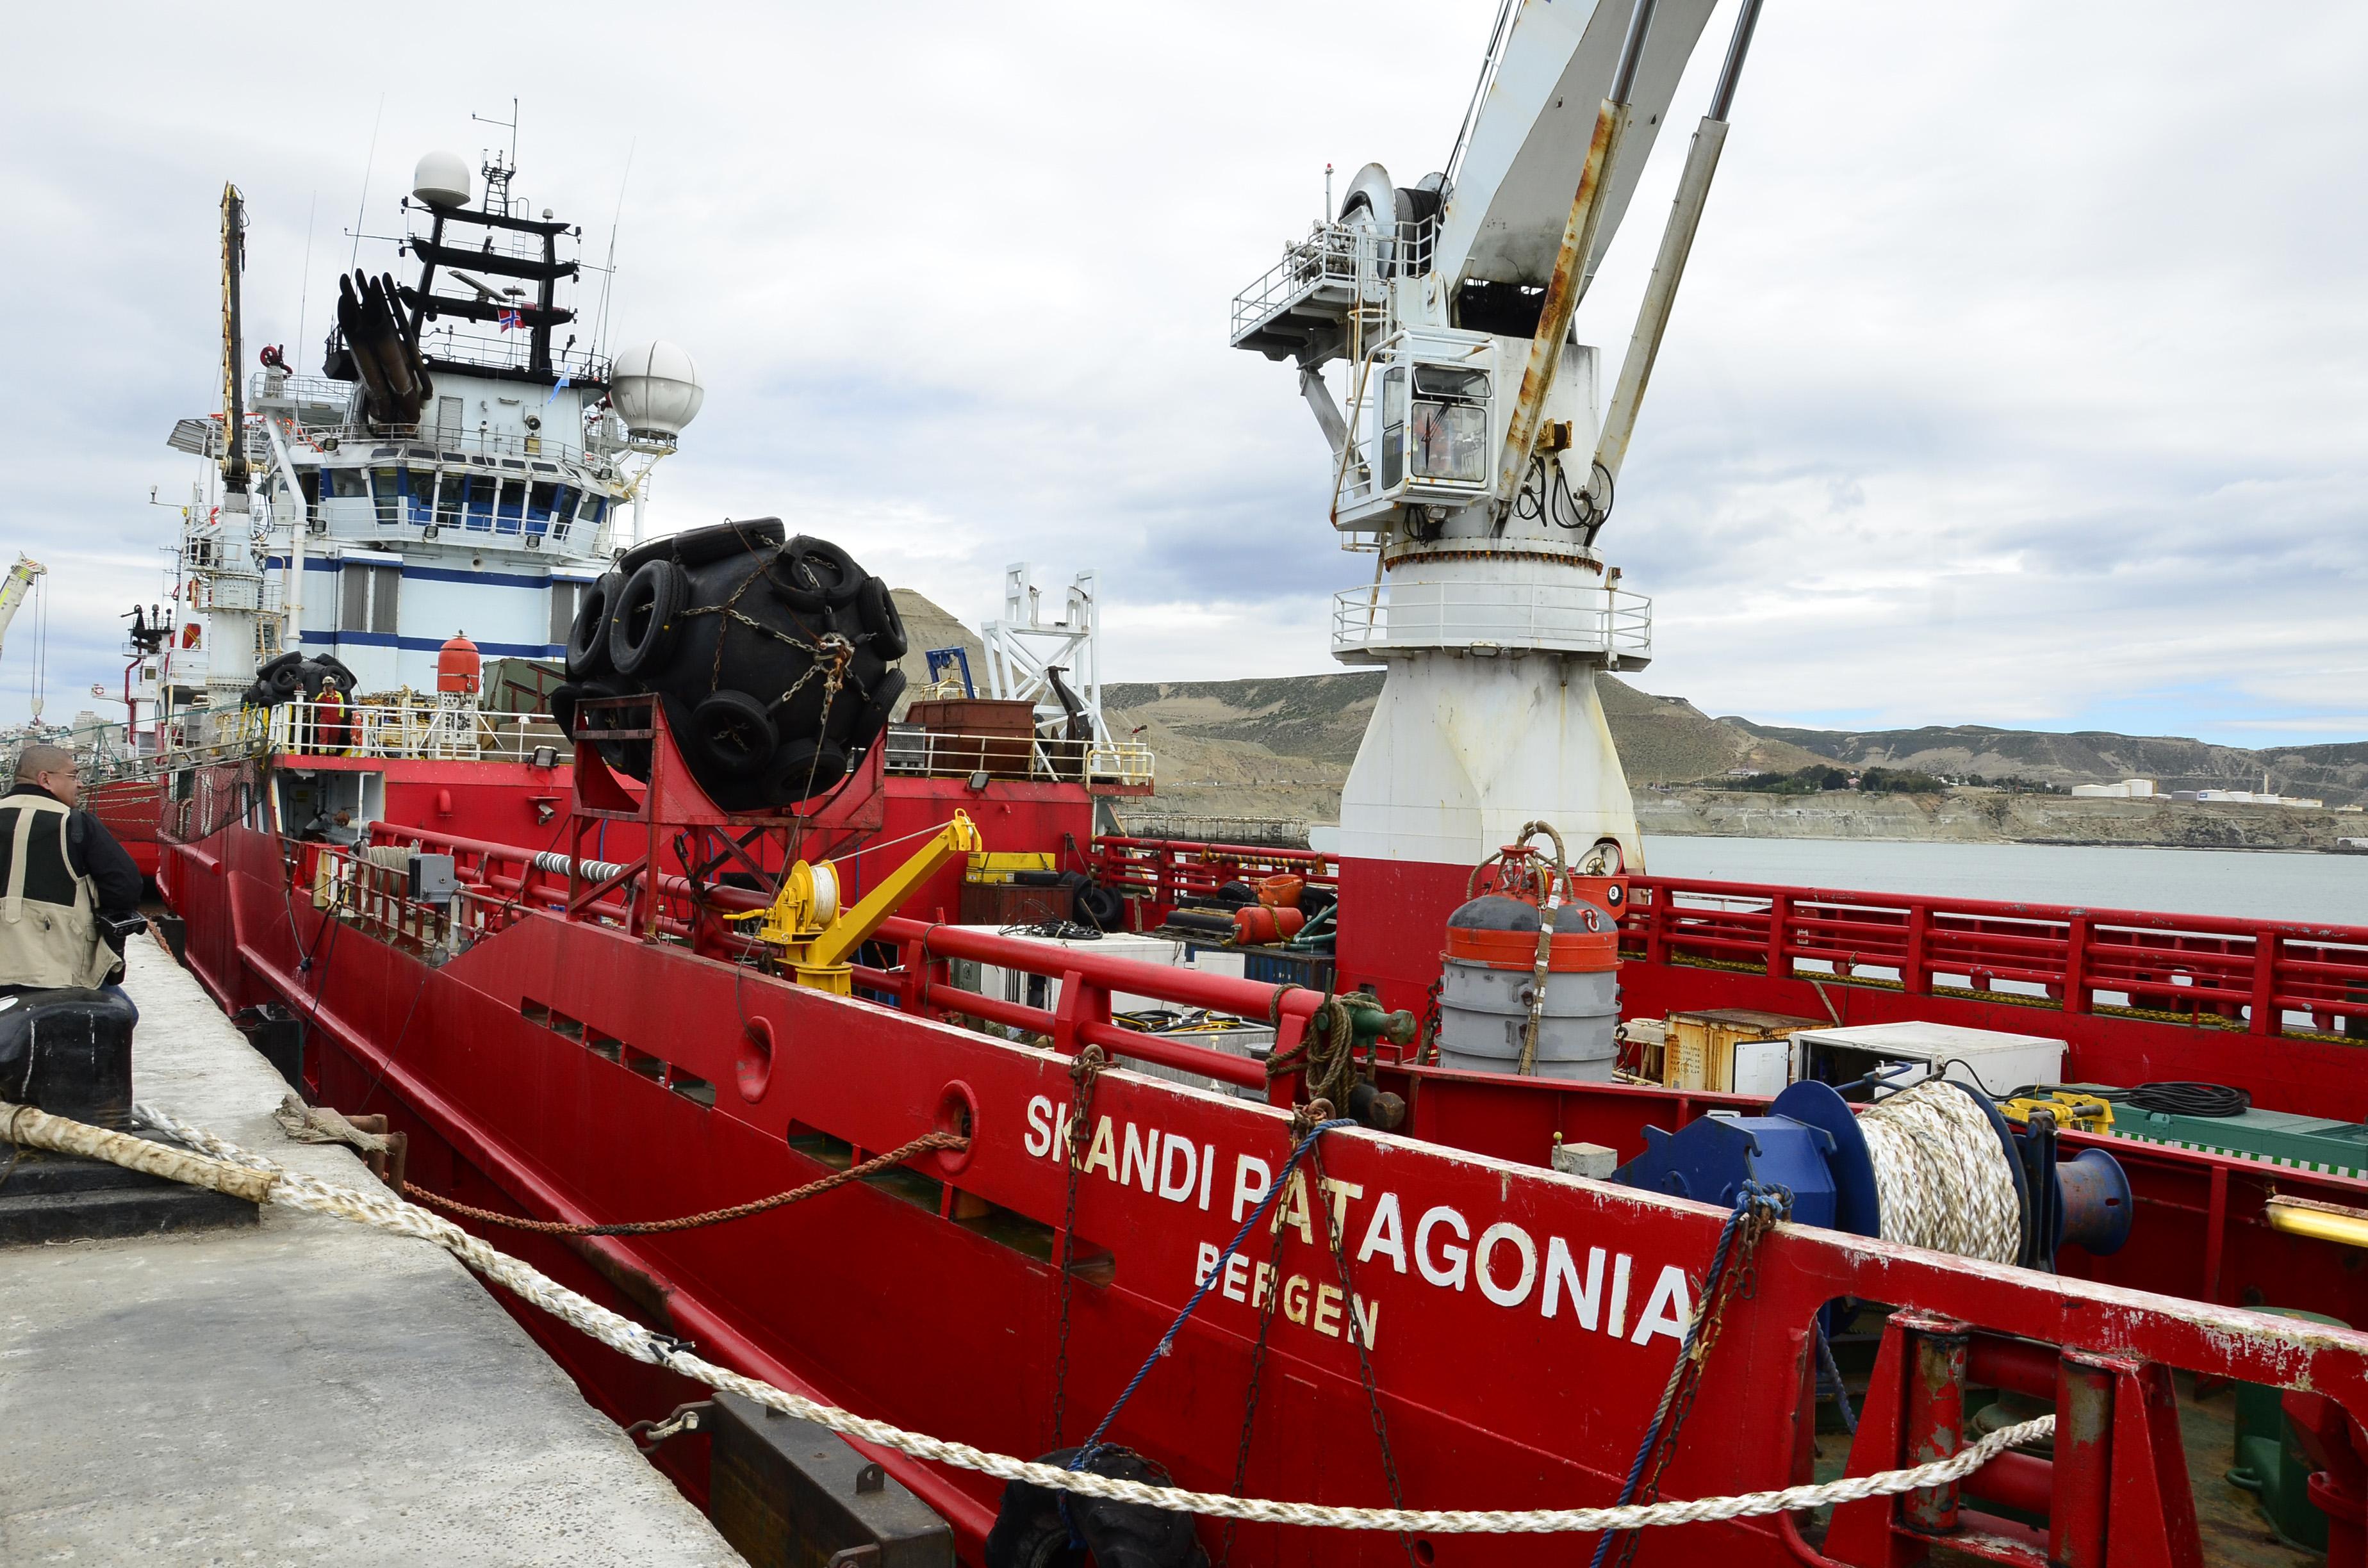 """ElSkandi Patagoniatardará """"un día y medio o dos"""" en llegar a la zona de búsqueda"""